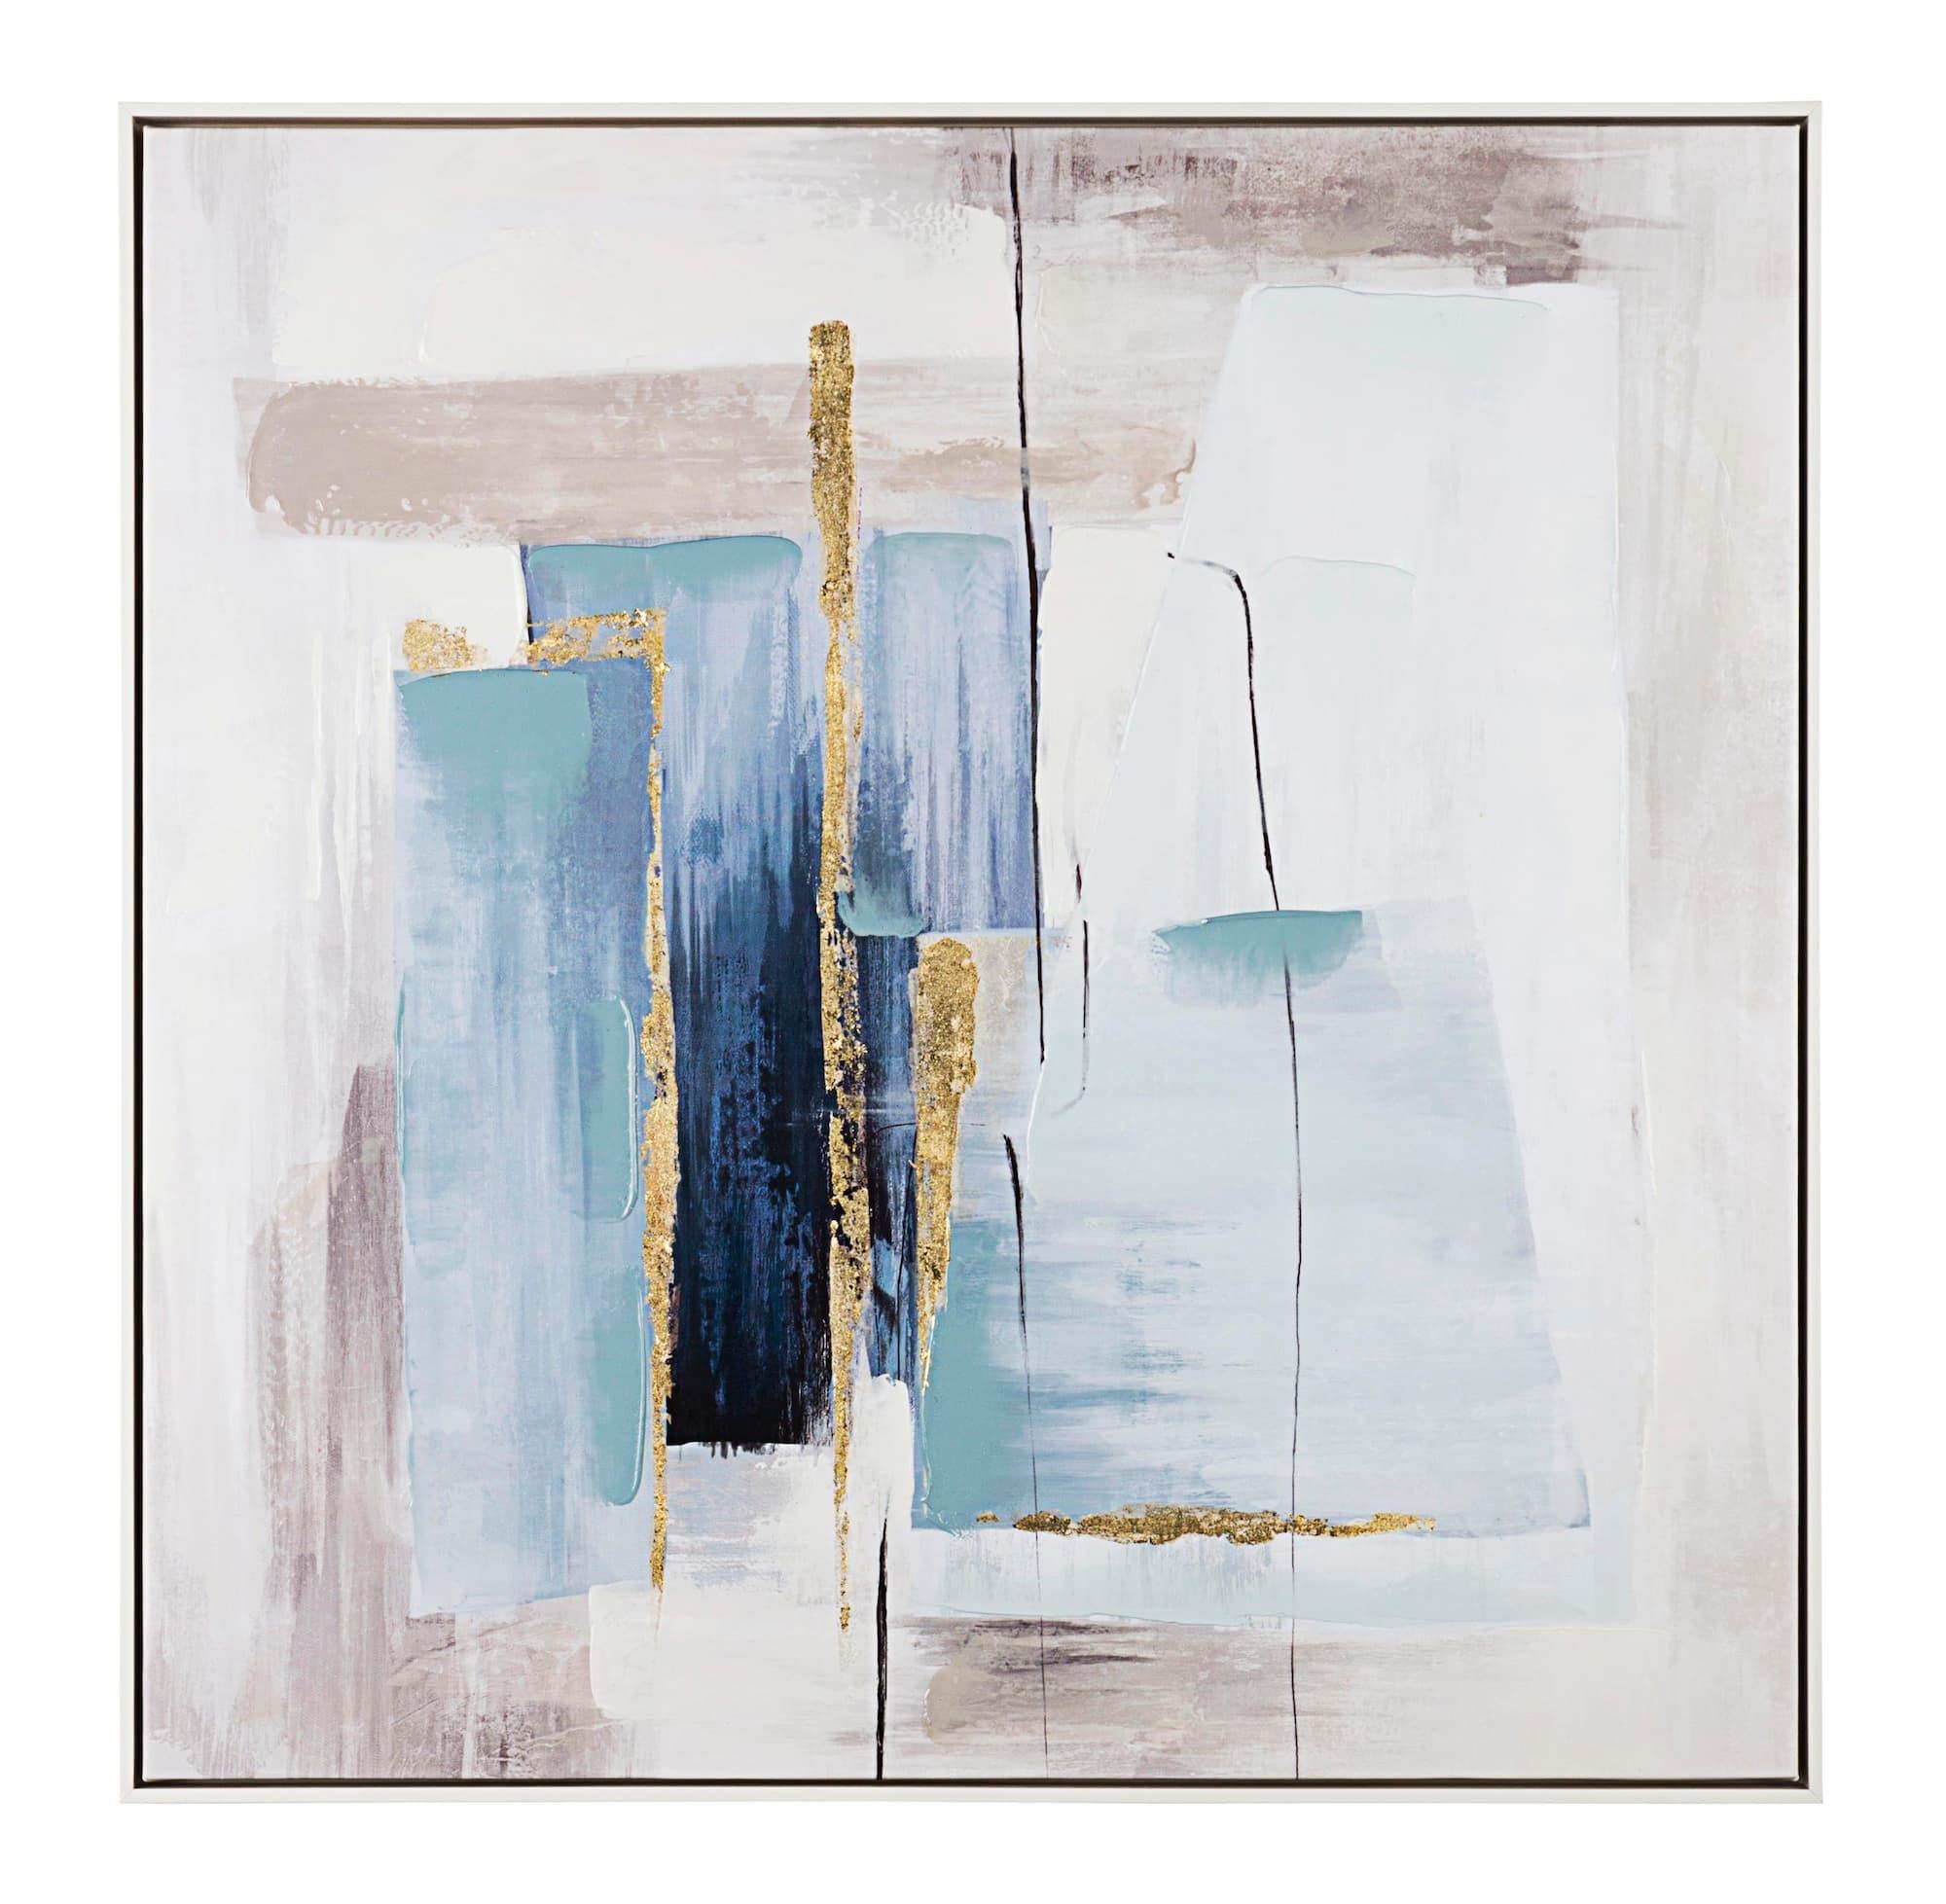 Tablou Canvas Crown P2379-1, 82,5 x 82,5 cm imagine